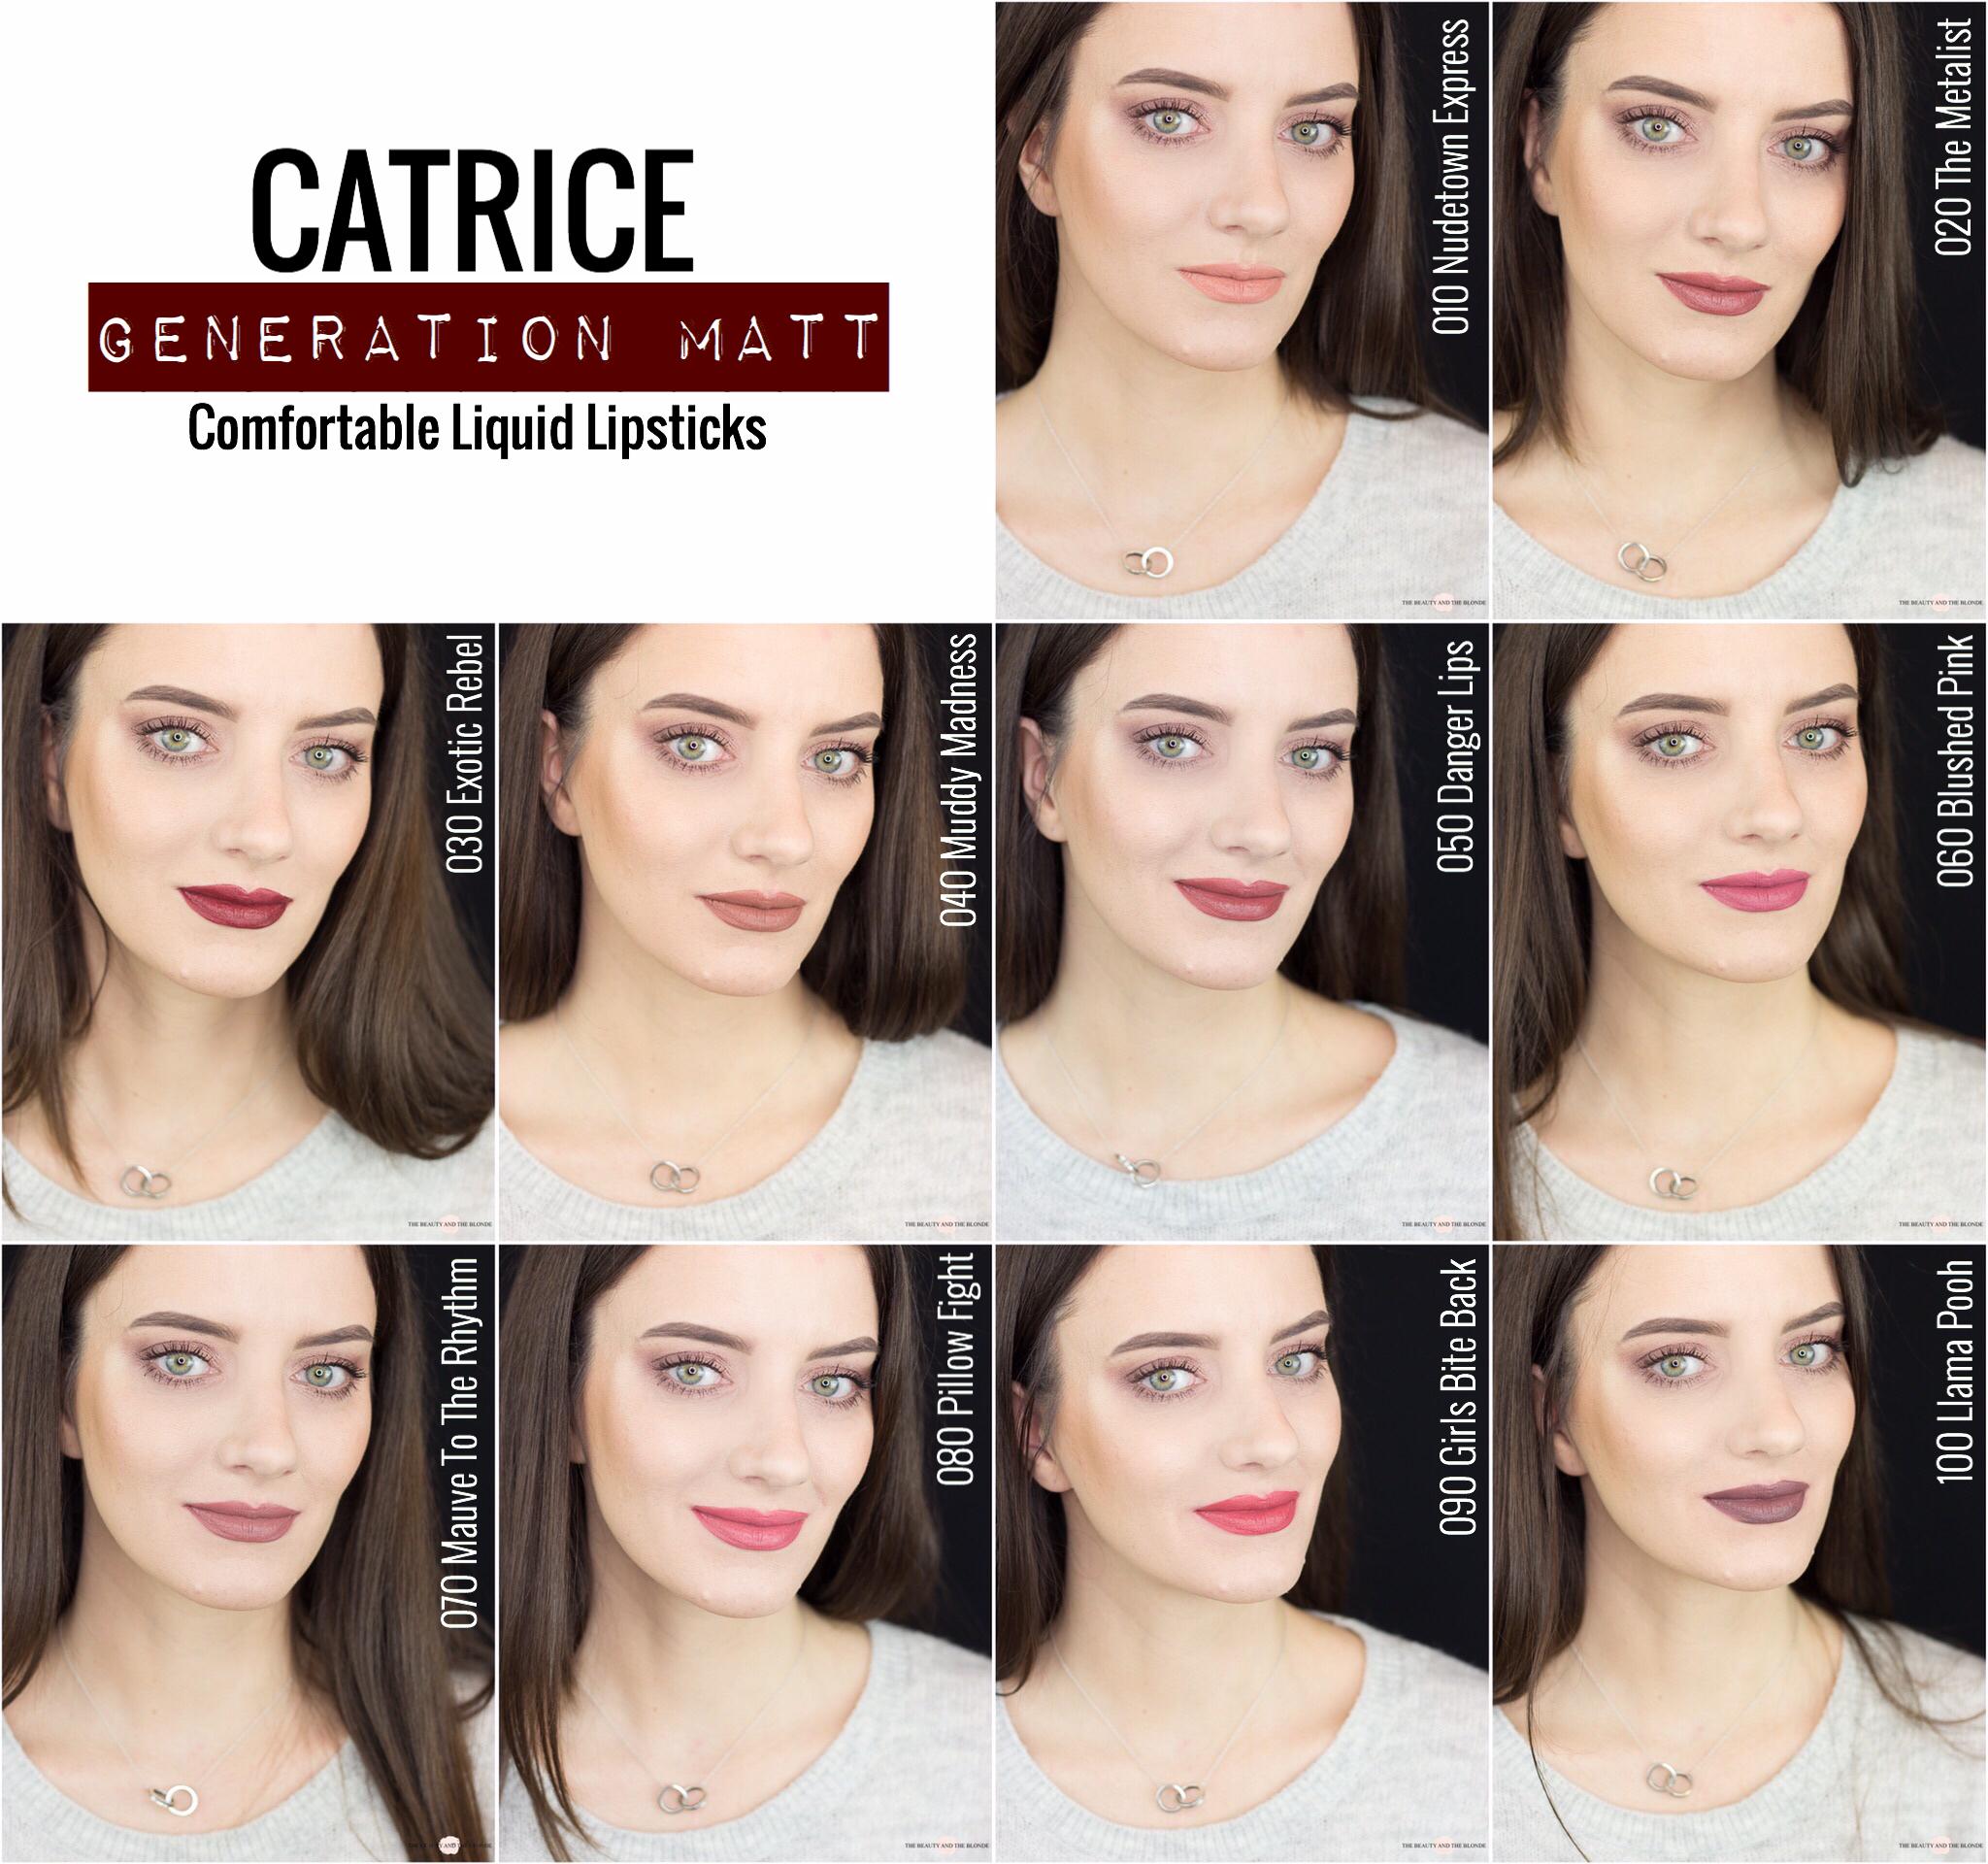 Catrice Generation Matt Liquid Lipstick Update Frühjahr Sommer 2019 Drogerie Review Swatches Tragebilder